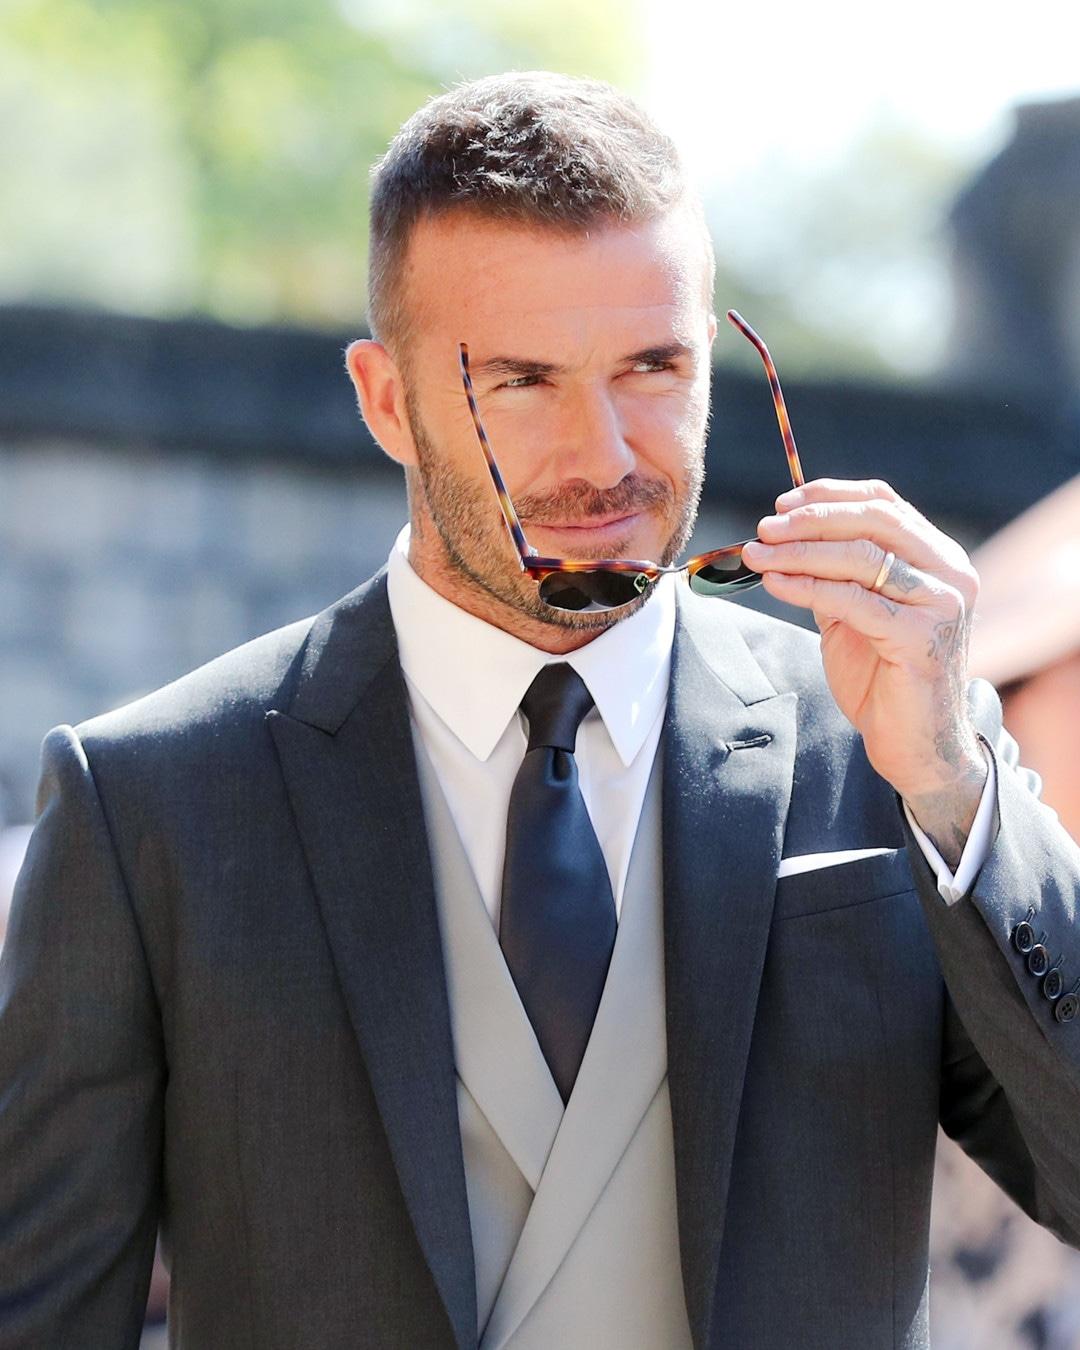 ESC: David Beckham